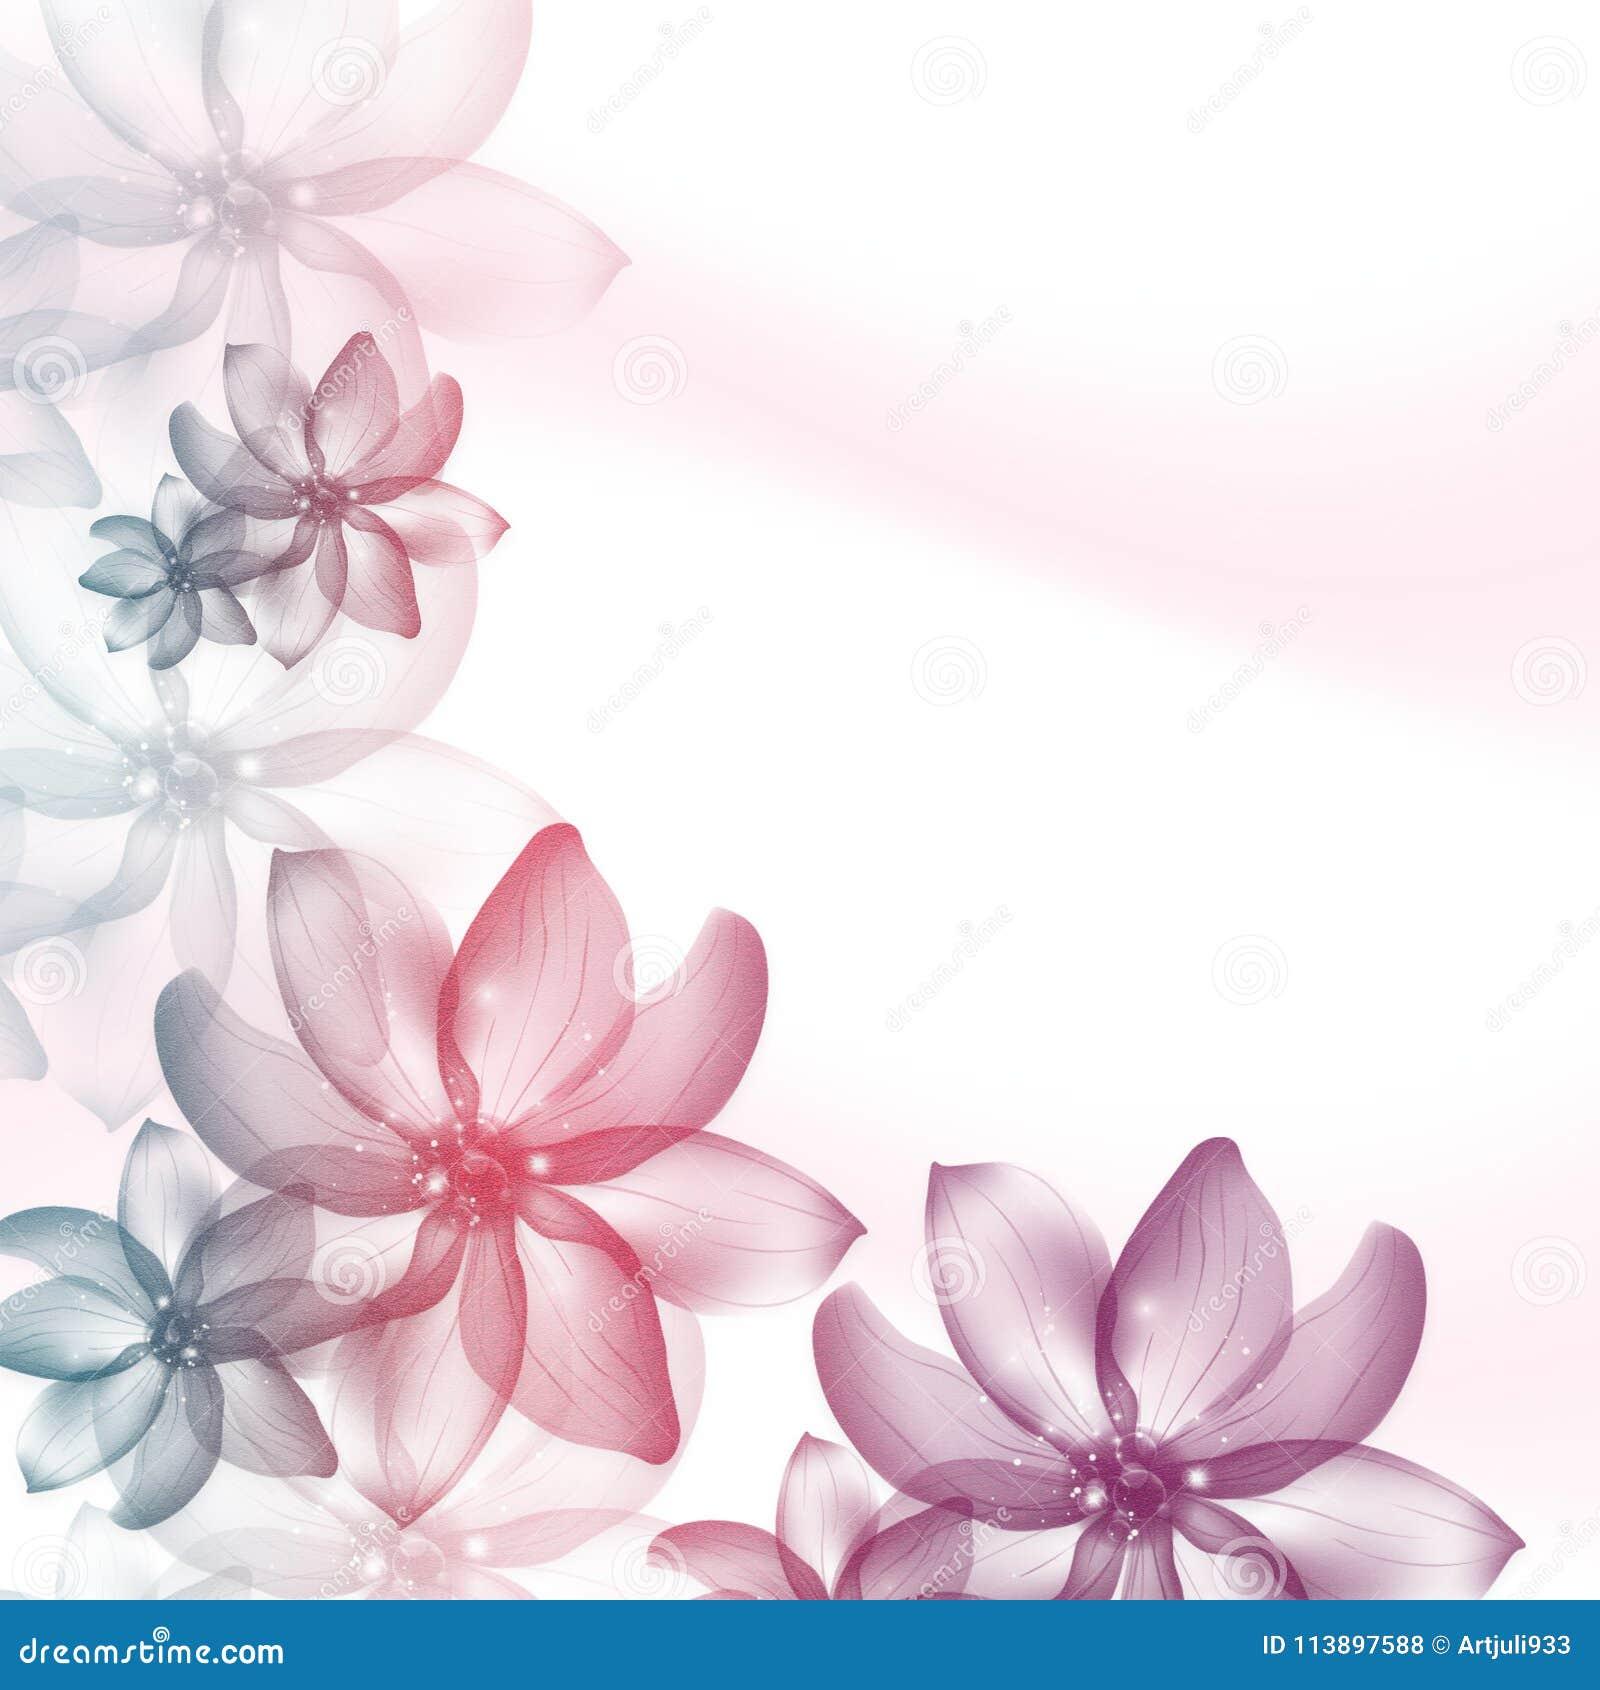 Fondo Floral Invitación Boda Modelo Decorativo De Las